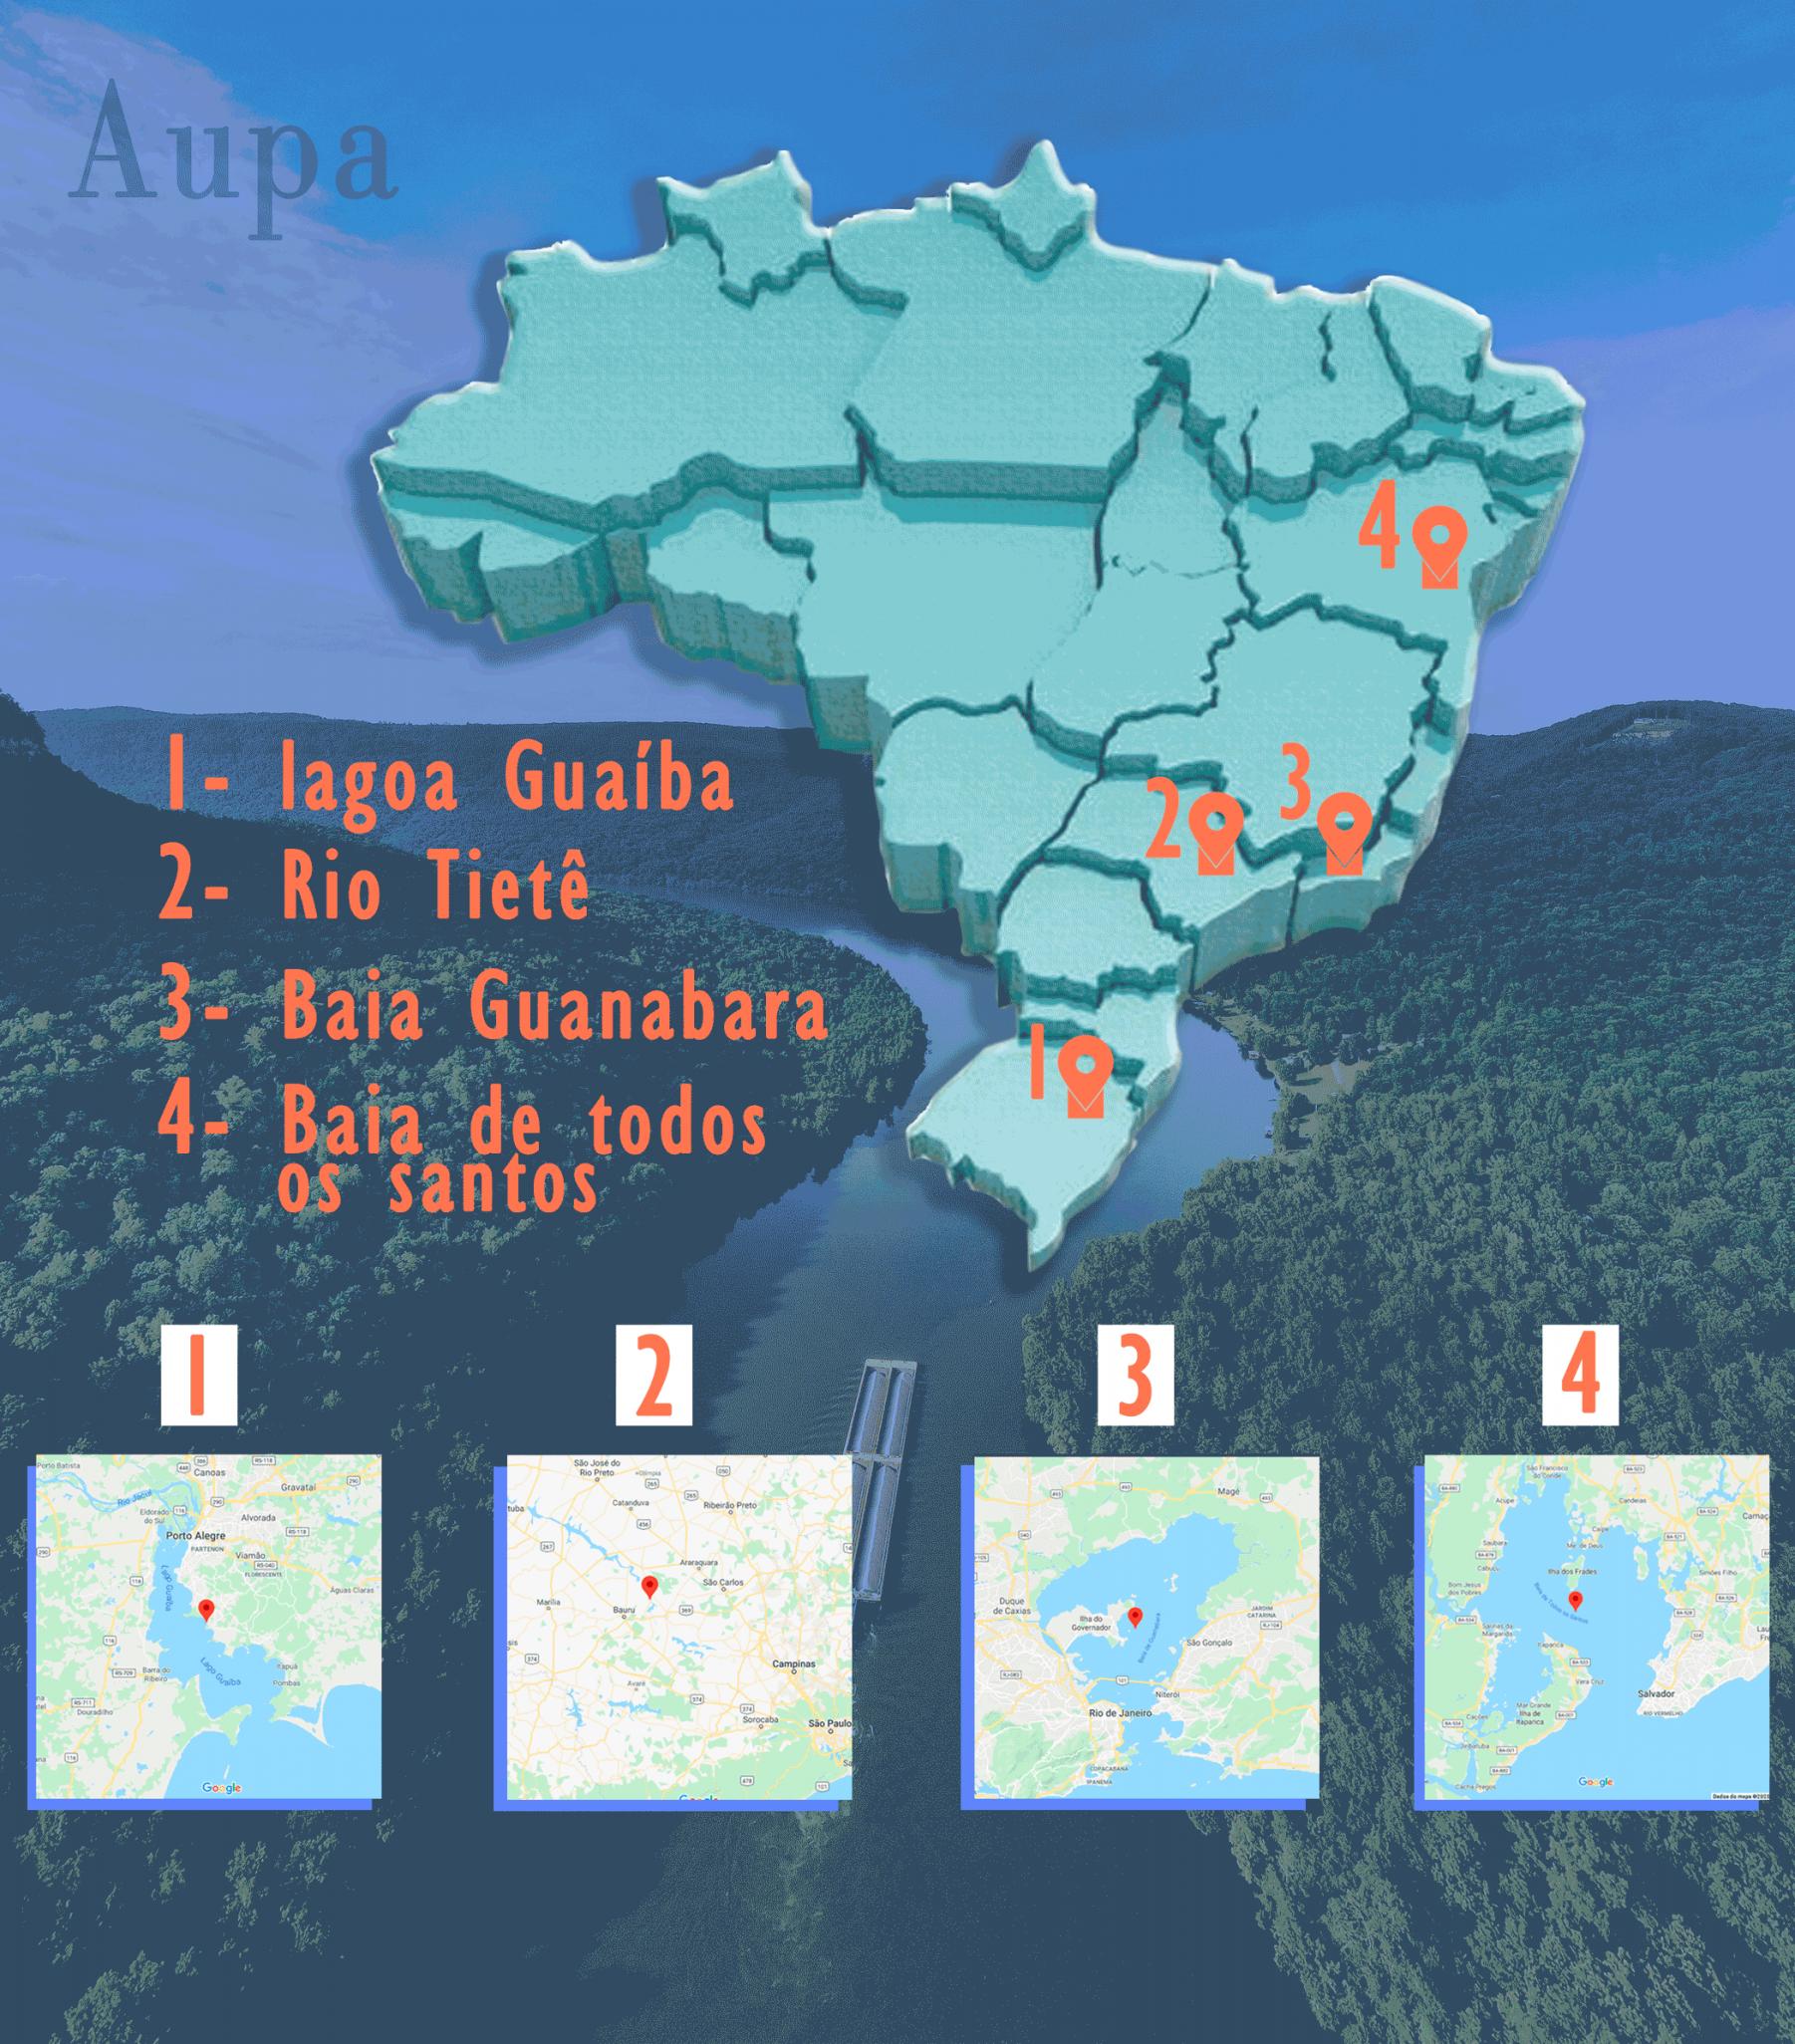 Mapa Rio Tietê, da Baía de Guanabara, da Baía de Todos-os-Santos e o Lago Guaíba. Crédito: Equipe de Arte Aupa